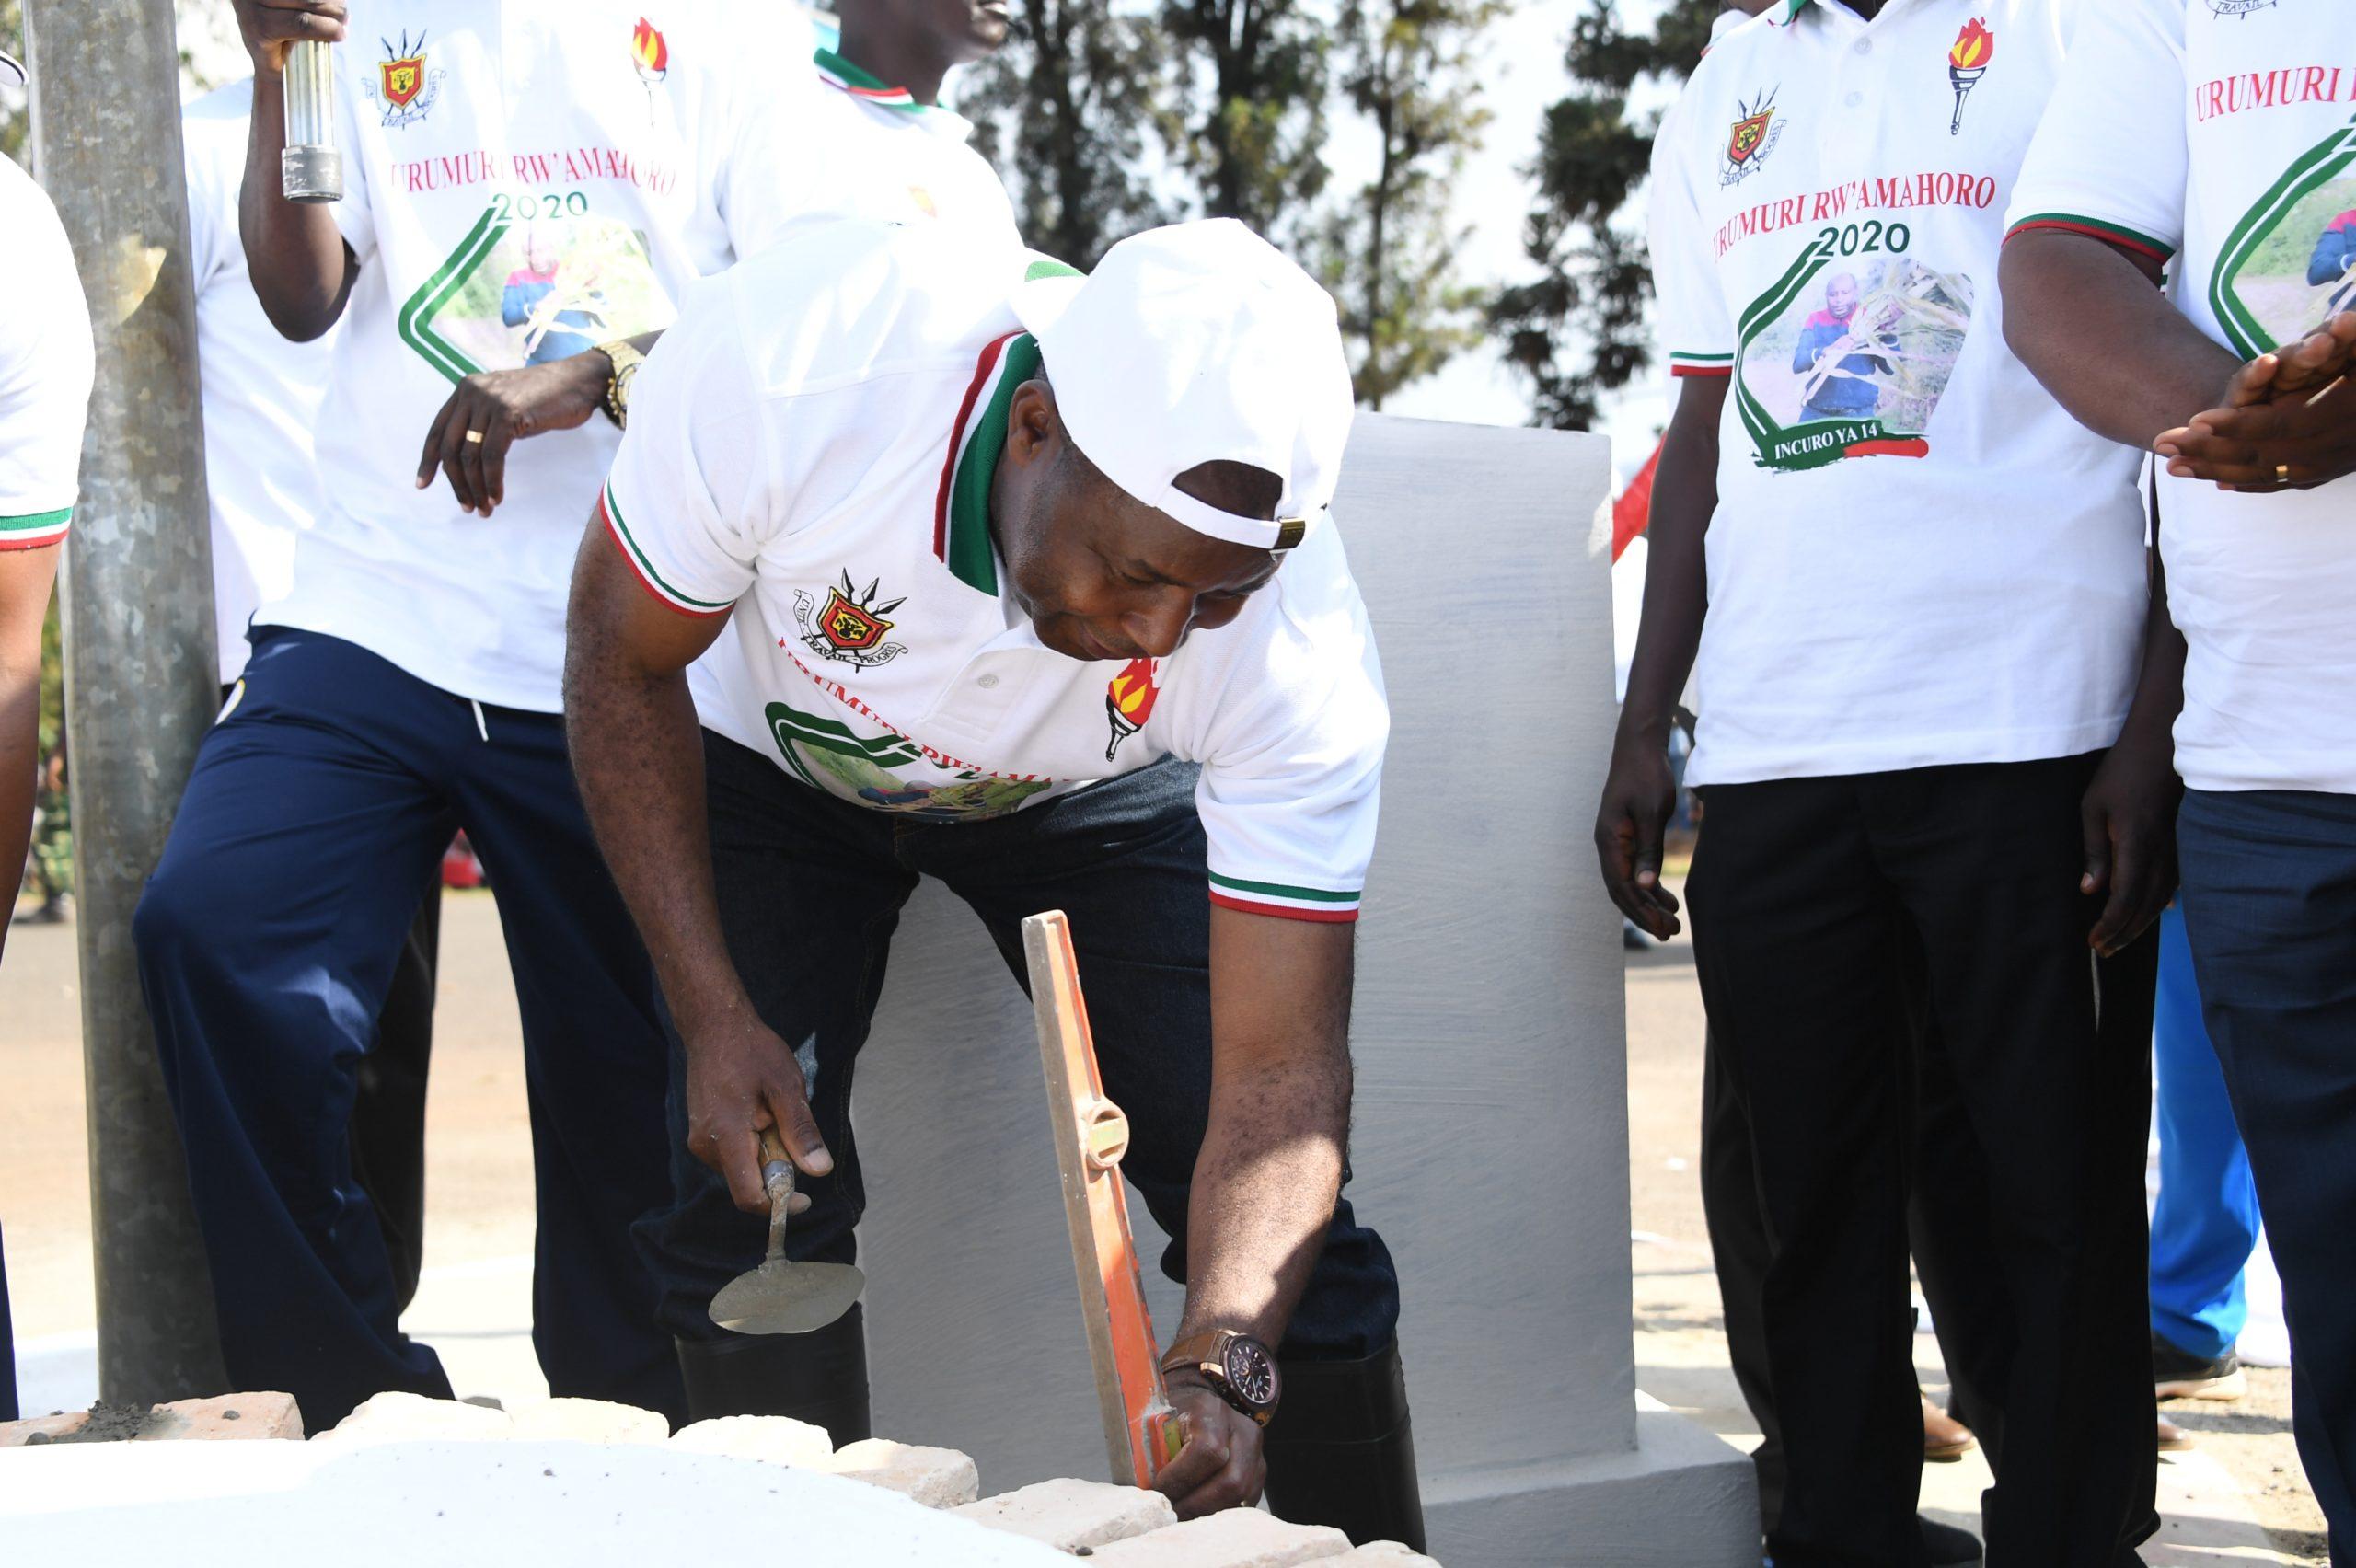 Président Ndayishimiye: un après-midi chargé d'inaugurations et travaux à Gitega